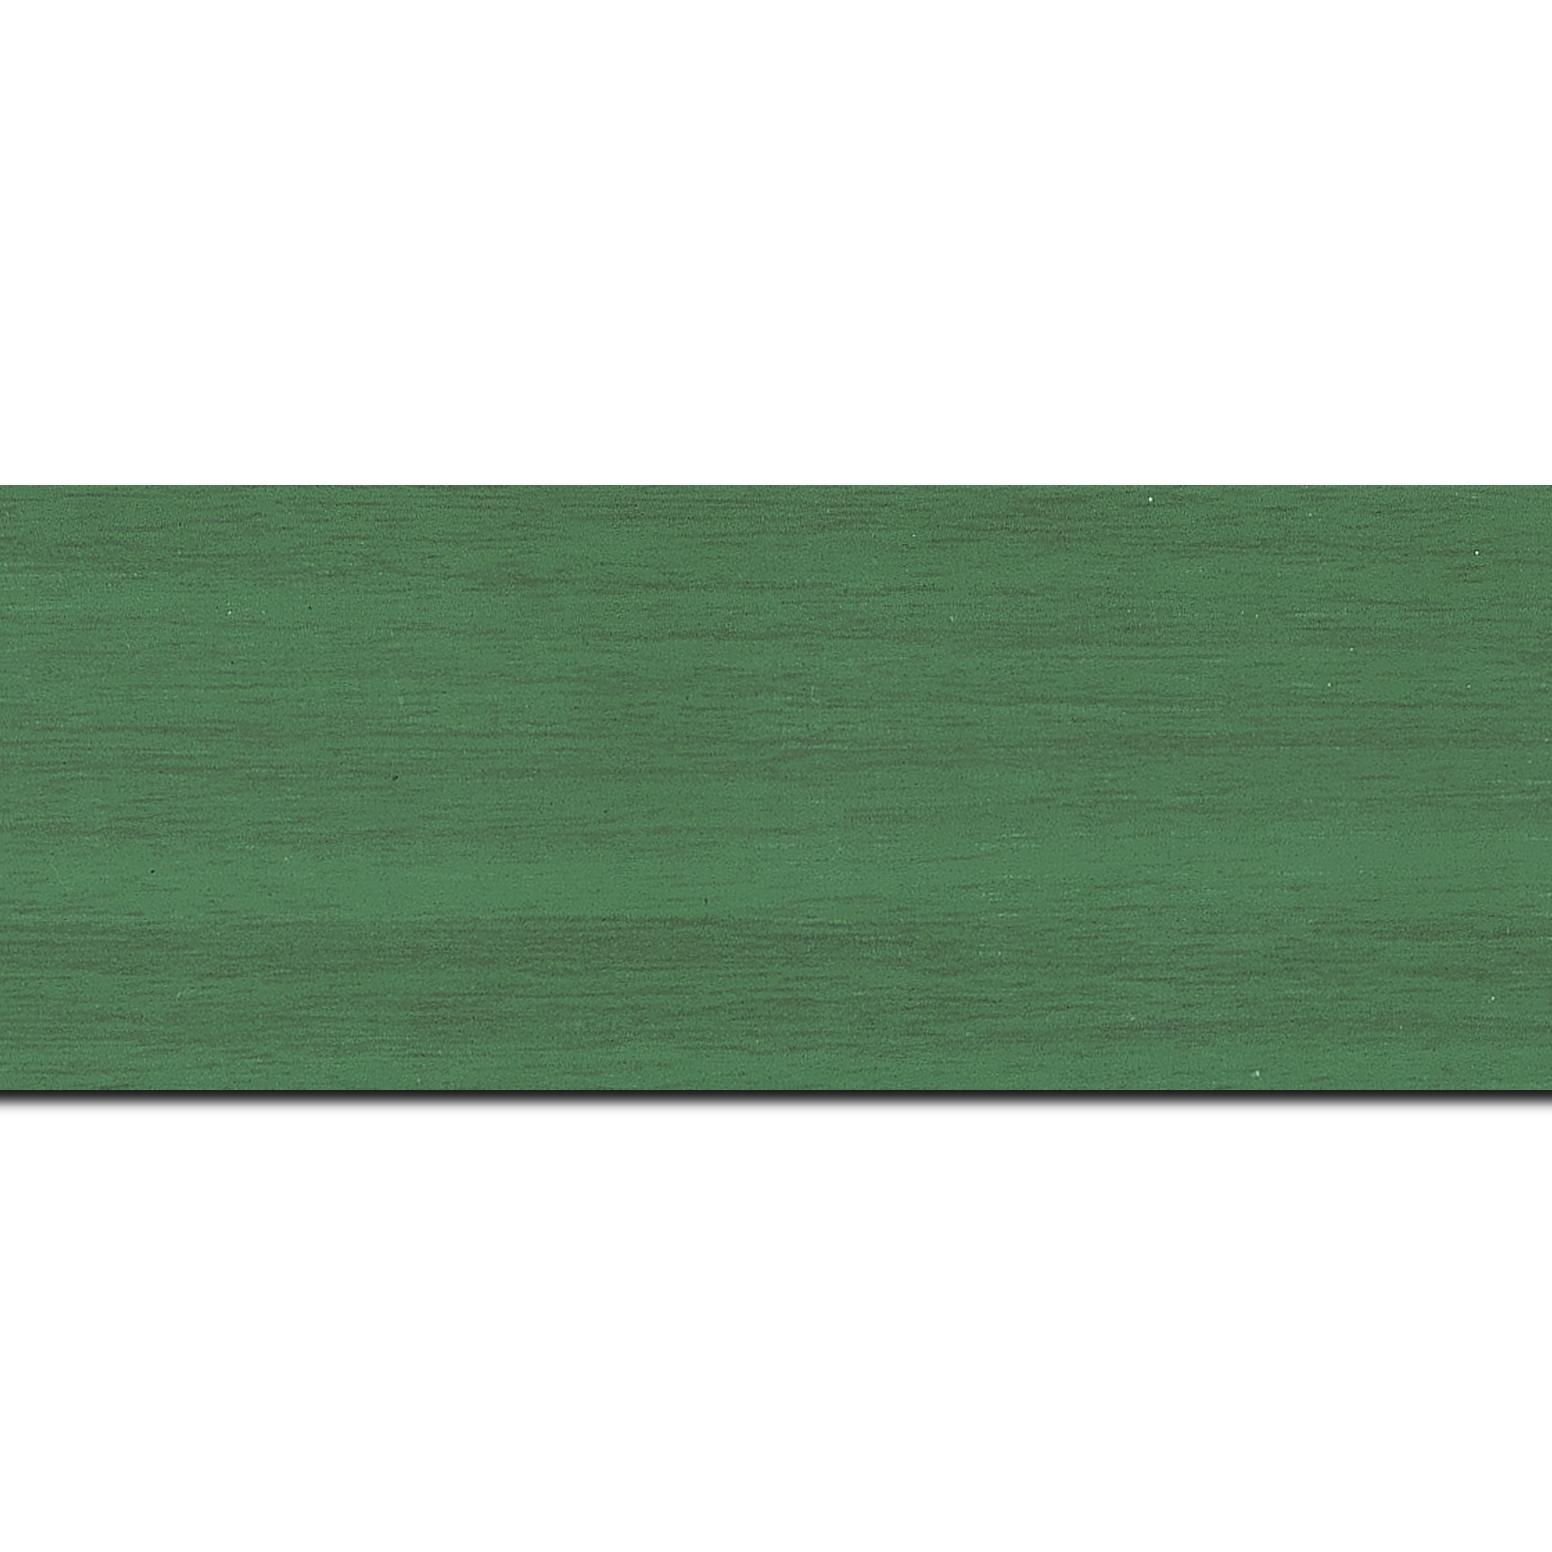 Baguette longueur 1.40m bois profil plat largeur 6cm vert satiné effet veiné ,chant extérieur du cadre de couleur noire